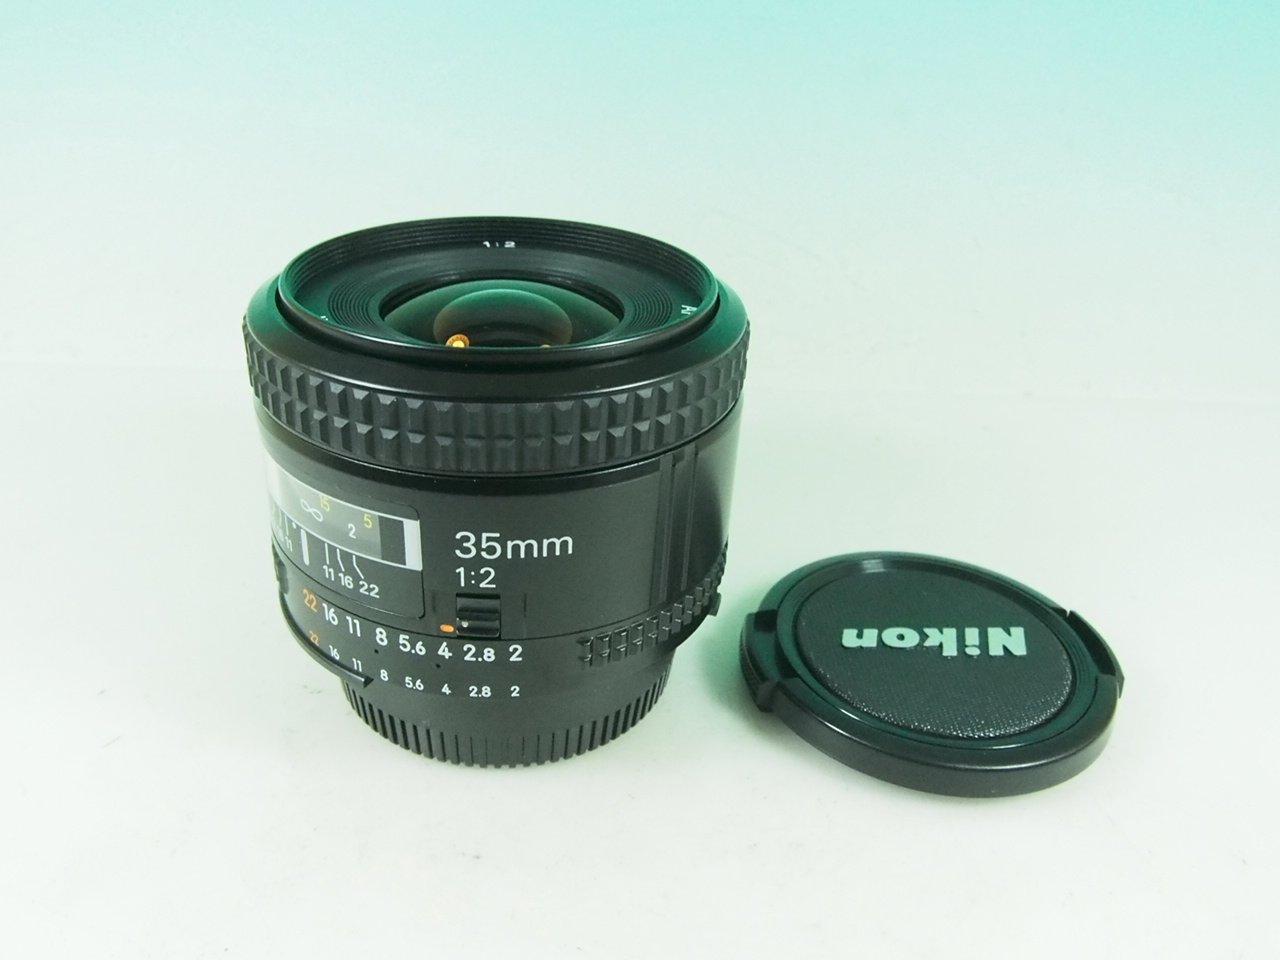 【アウトレット☆送料無料】 Nikon 35mm AFレンズ AF AFレンズ 35mm Nikon F2 B00L0SEU20, アイラグン:90d22550 --- arianechie.dominiotemporario.com